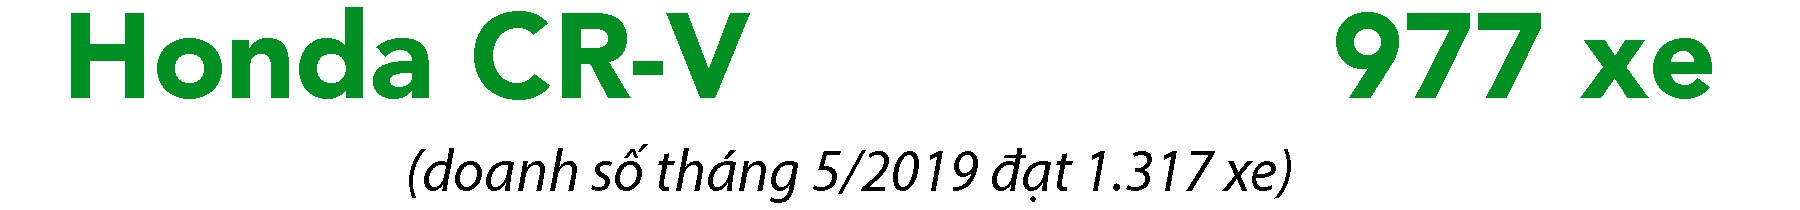 Phân khúc crossover tháng 6/2019: Xe lắp ráp trong nước bị lép vế? - 4